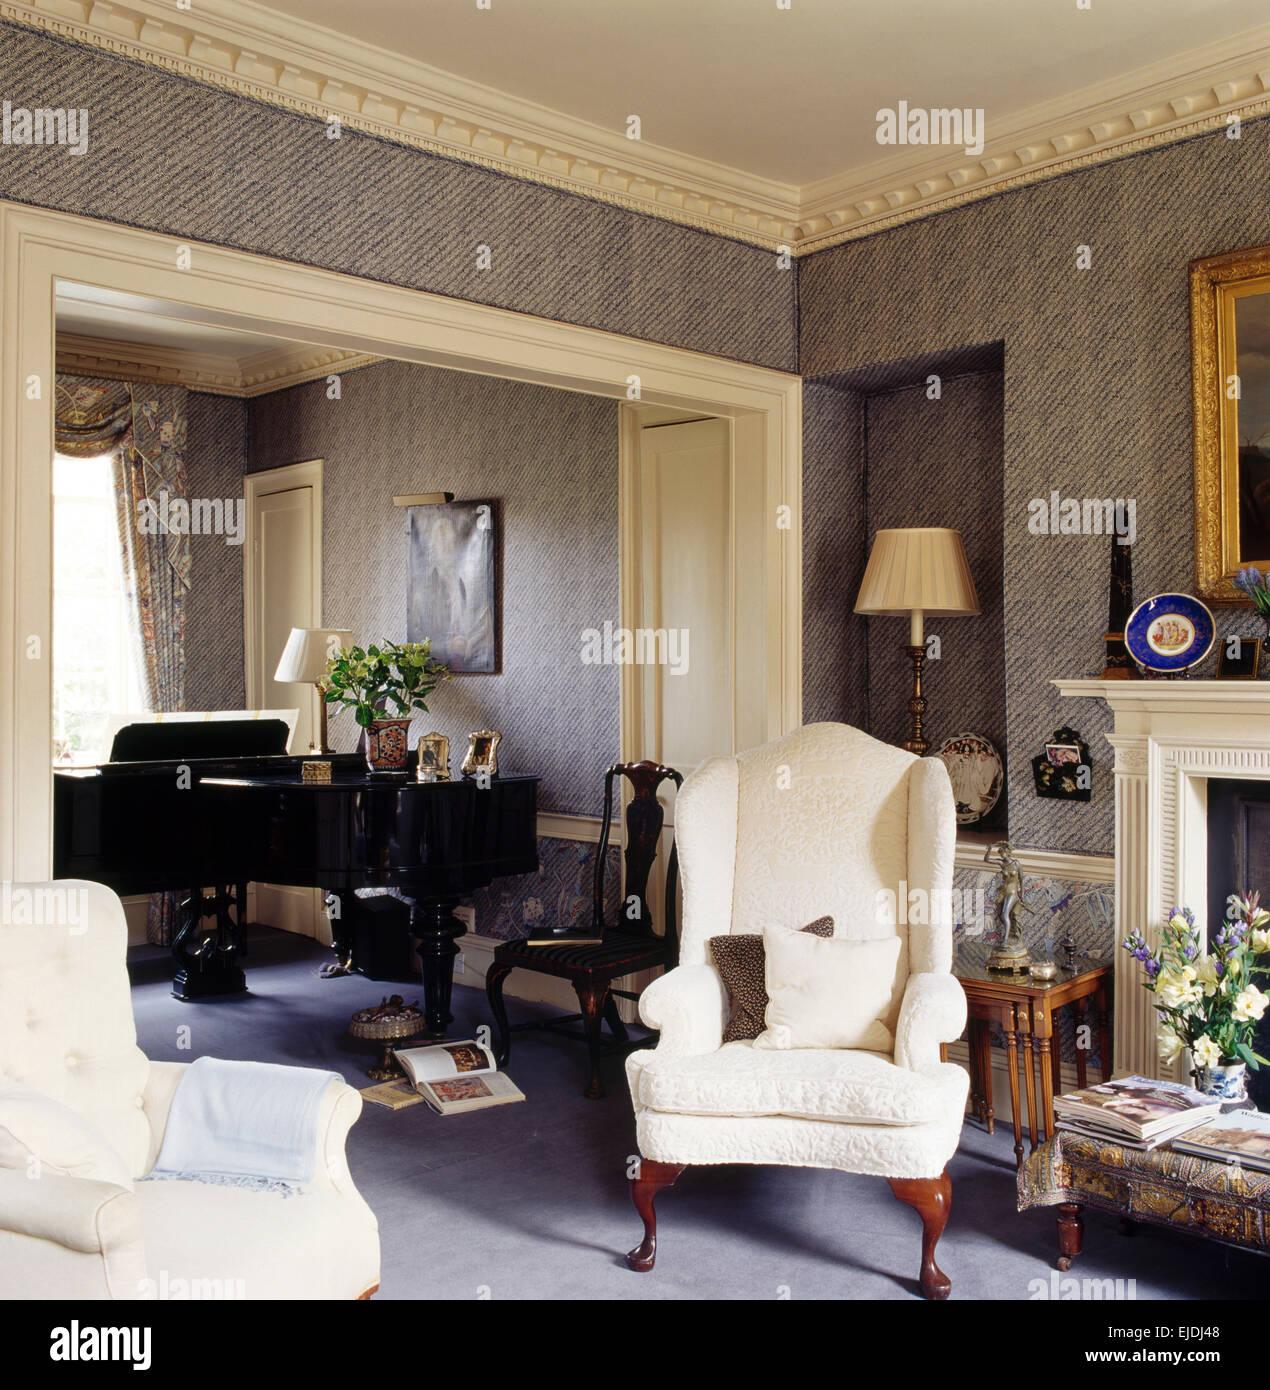 Creme-Flügel-Stühle im Stadthaus Wohnzimmer mit grauen ...